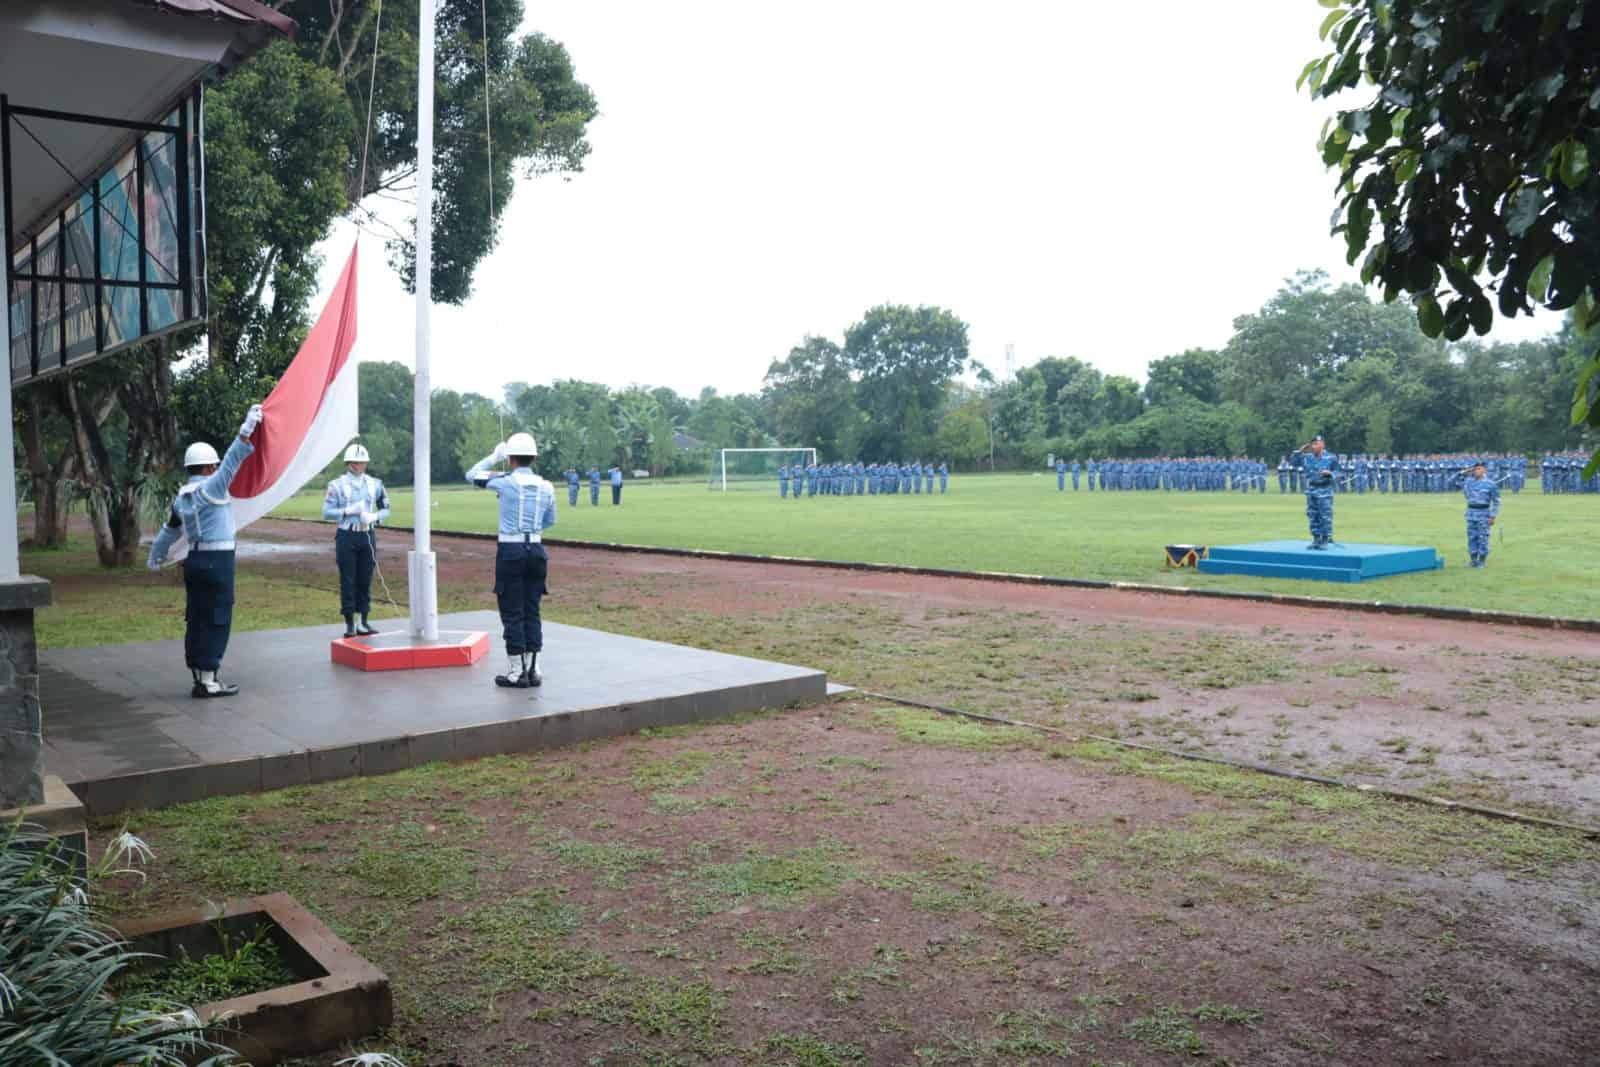 Wingdiktek, Upacara Bendera 17-San Momen Semangat Juang dan Semangat Kebangsaan Guna Mewujudkan Persatuan dan Kesatuan Bangsa